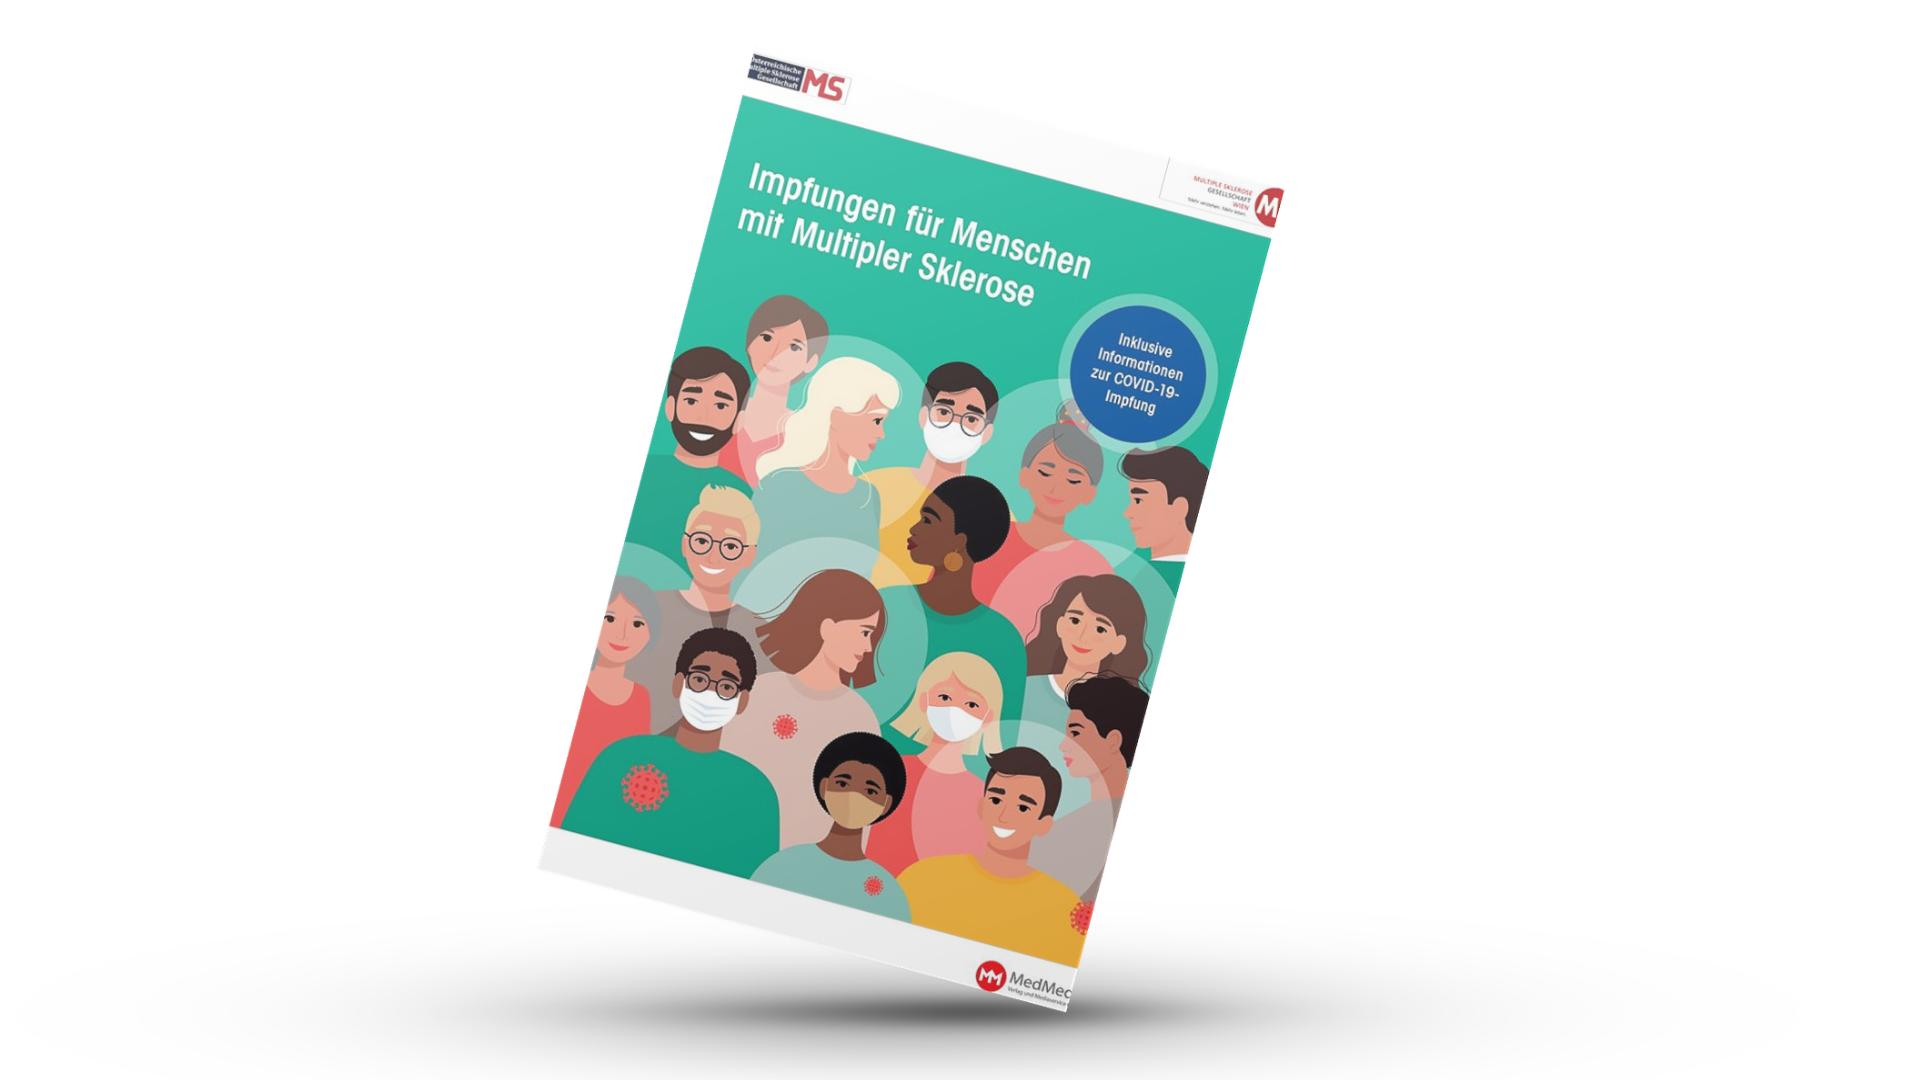 Cover der Broschüre Impfungen für Menschen mit Multipler Sklerose. Inklusive Informationen zur COVID-19-Impfung. In dieser Broschüre erfahren Sie Wichtiges über Infektionen und Infektionskrankheiten, wie es zur Ansteckung kommt, welche Rolle das Immunsystem dabei spielt, in welchen Fällen das Infektionsrisiko erhöht ist und wie Impfungen schützen können.